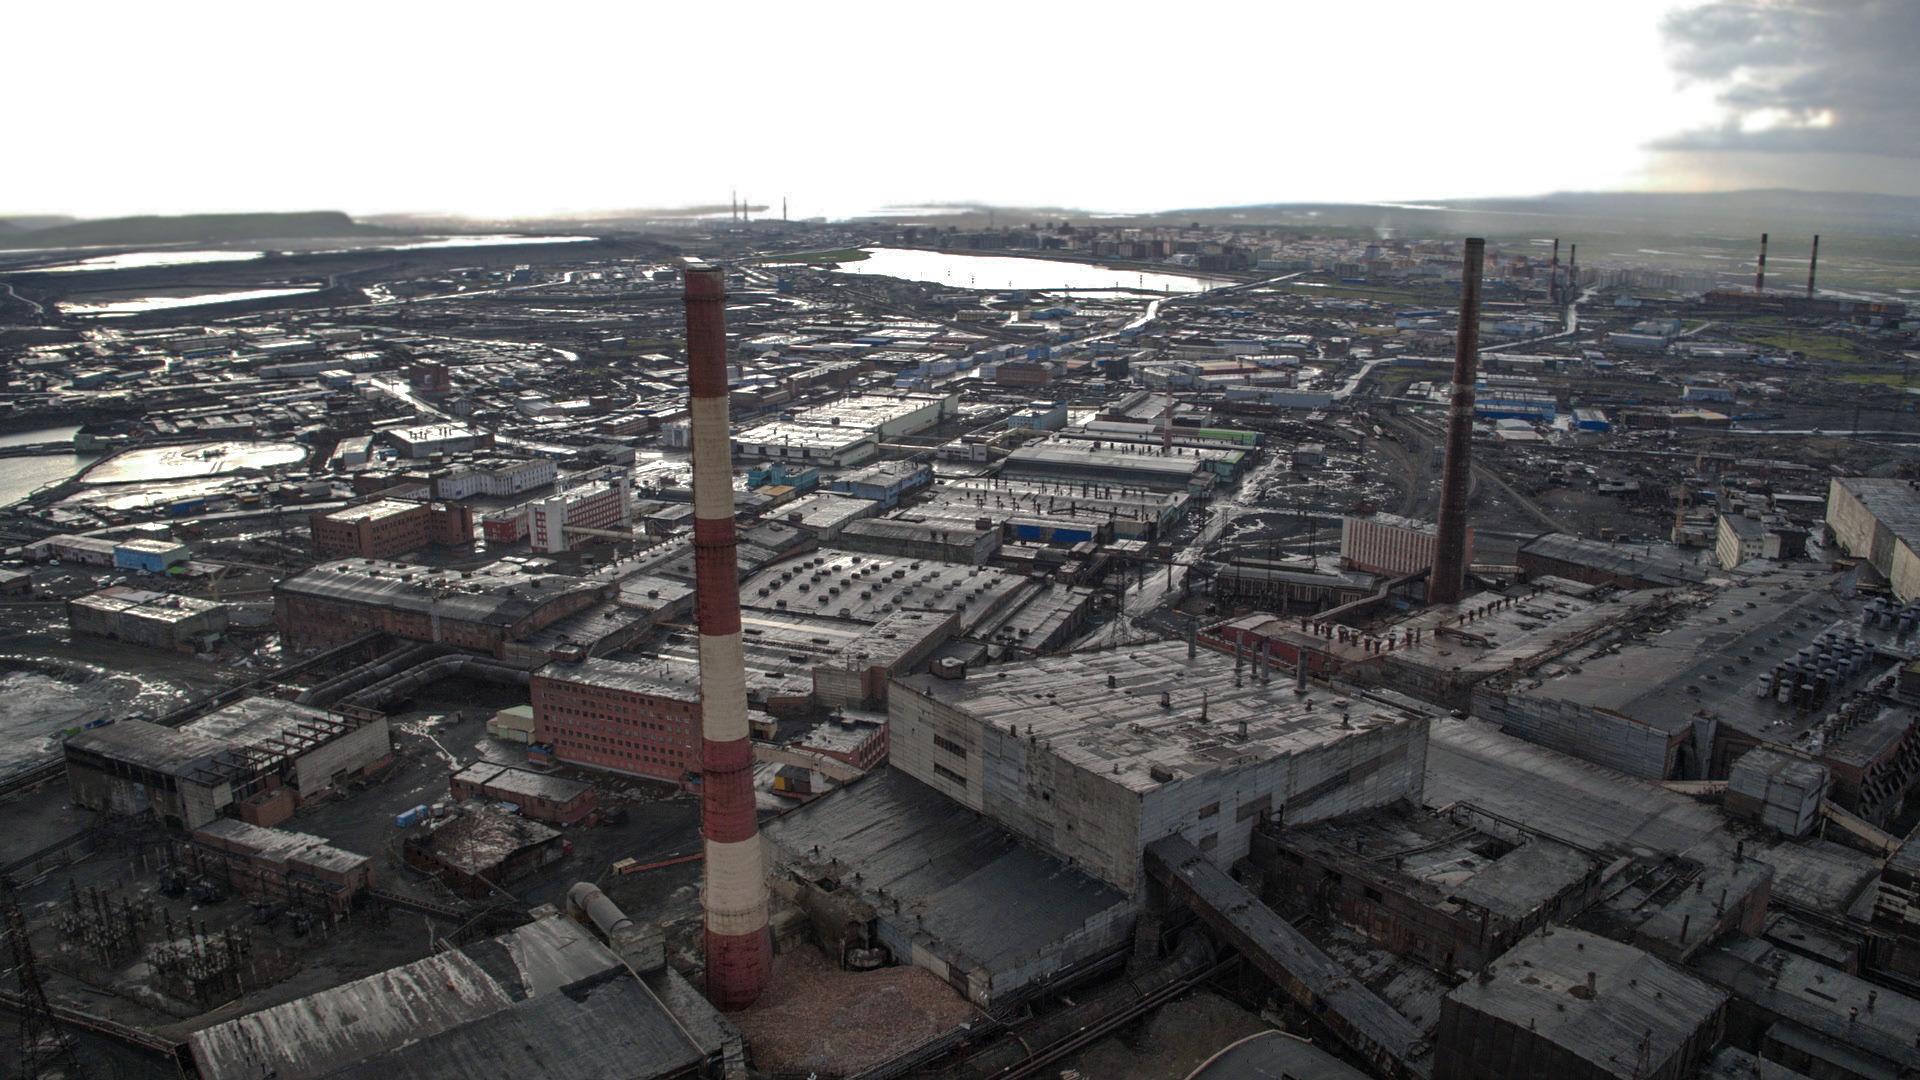 La città industriale Norilsk nel Territorio di Krasnojarsk, nella Siberia settentrionale. Film Still